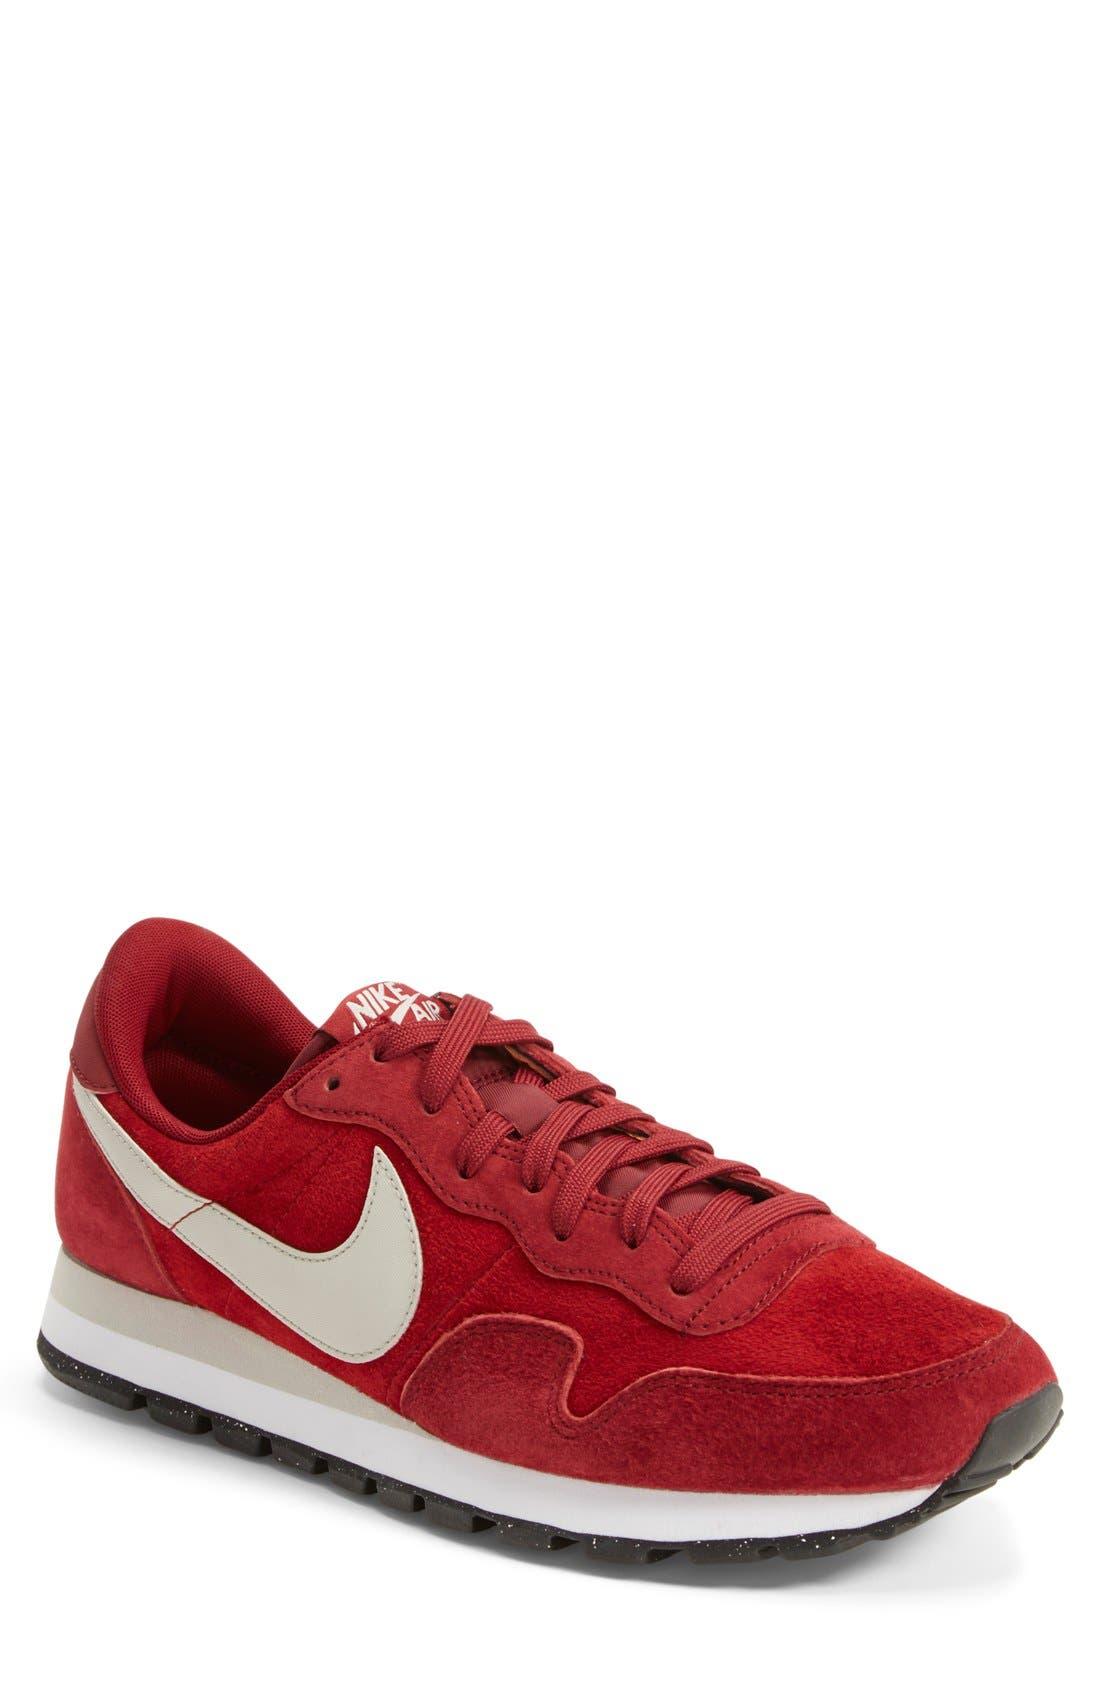 Alternate Image 1 Selected - Nike 'Air Pegasus 83 LTR' Sneaker (Men)